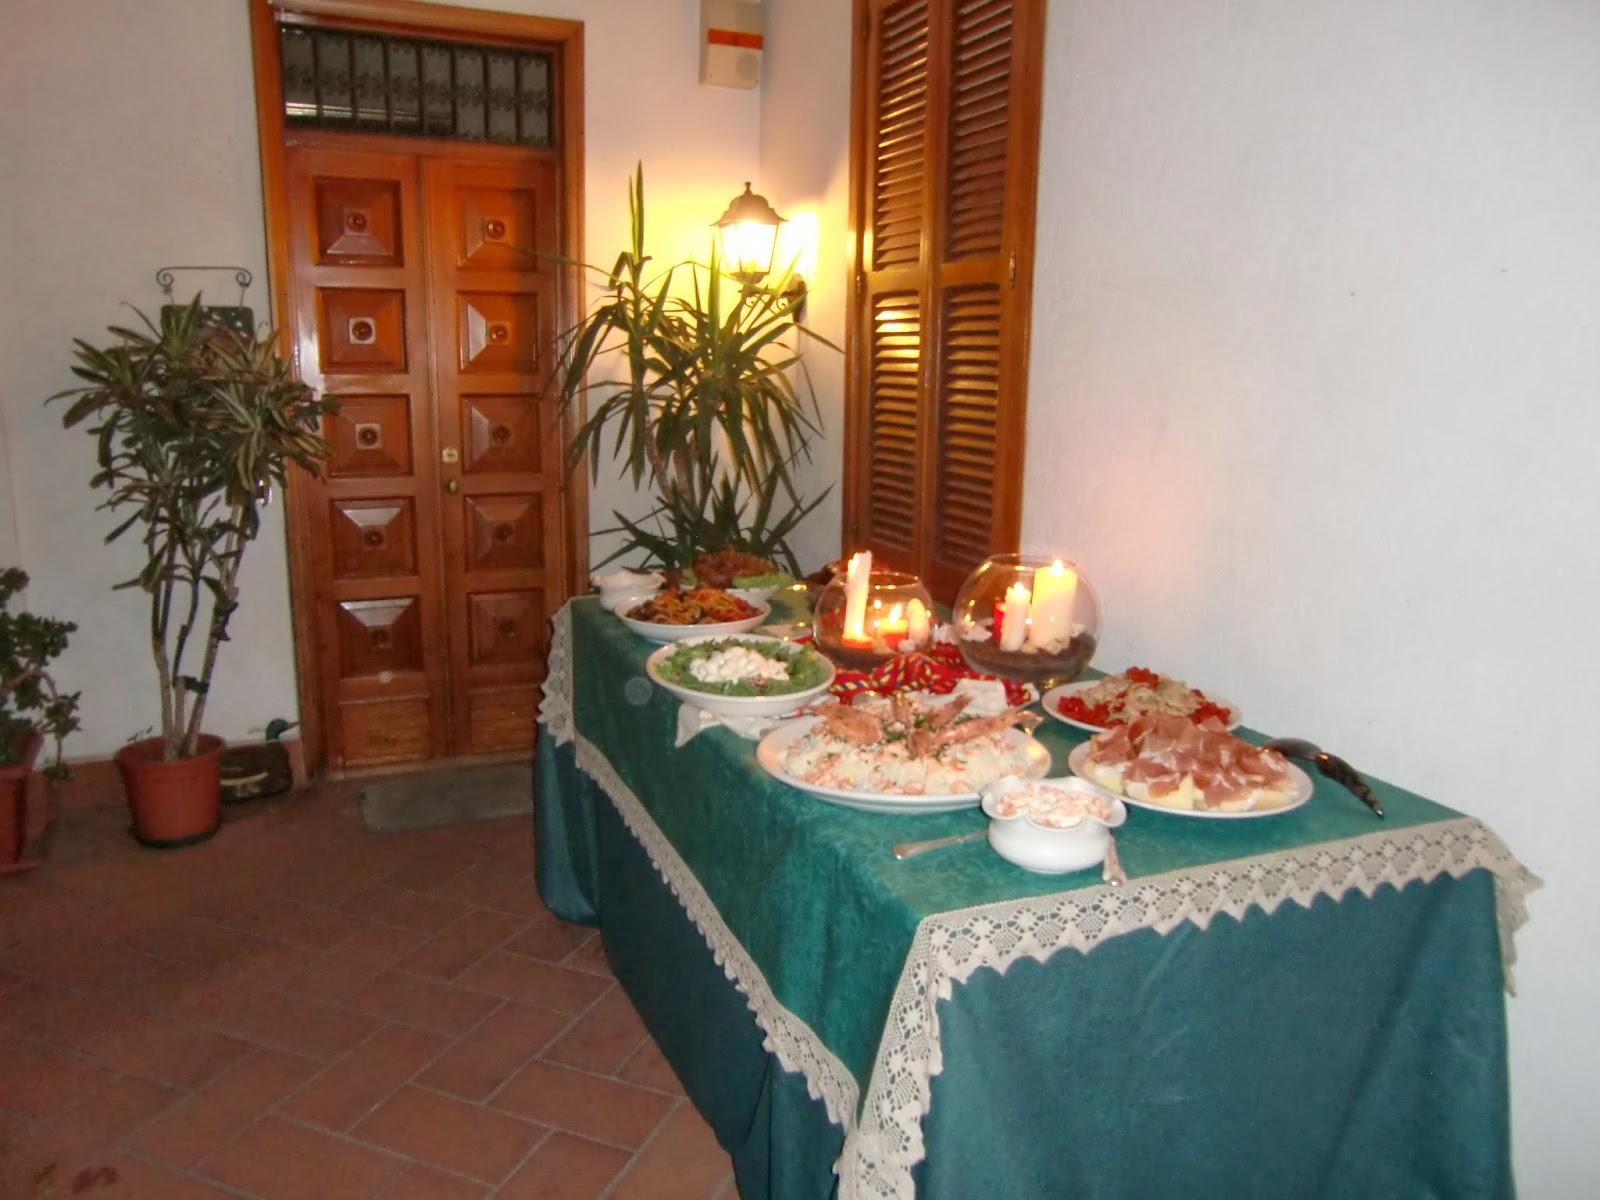 Casa ambiente e salute invito gli ospiti in casa o al ristorante - Profumatori ambiente fatti in casa ...